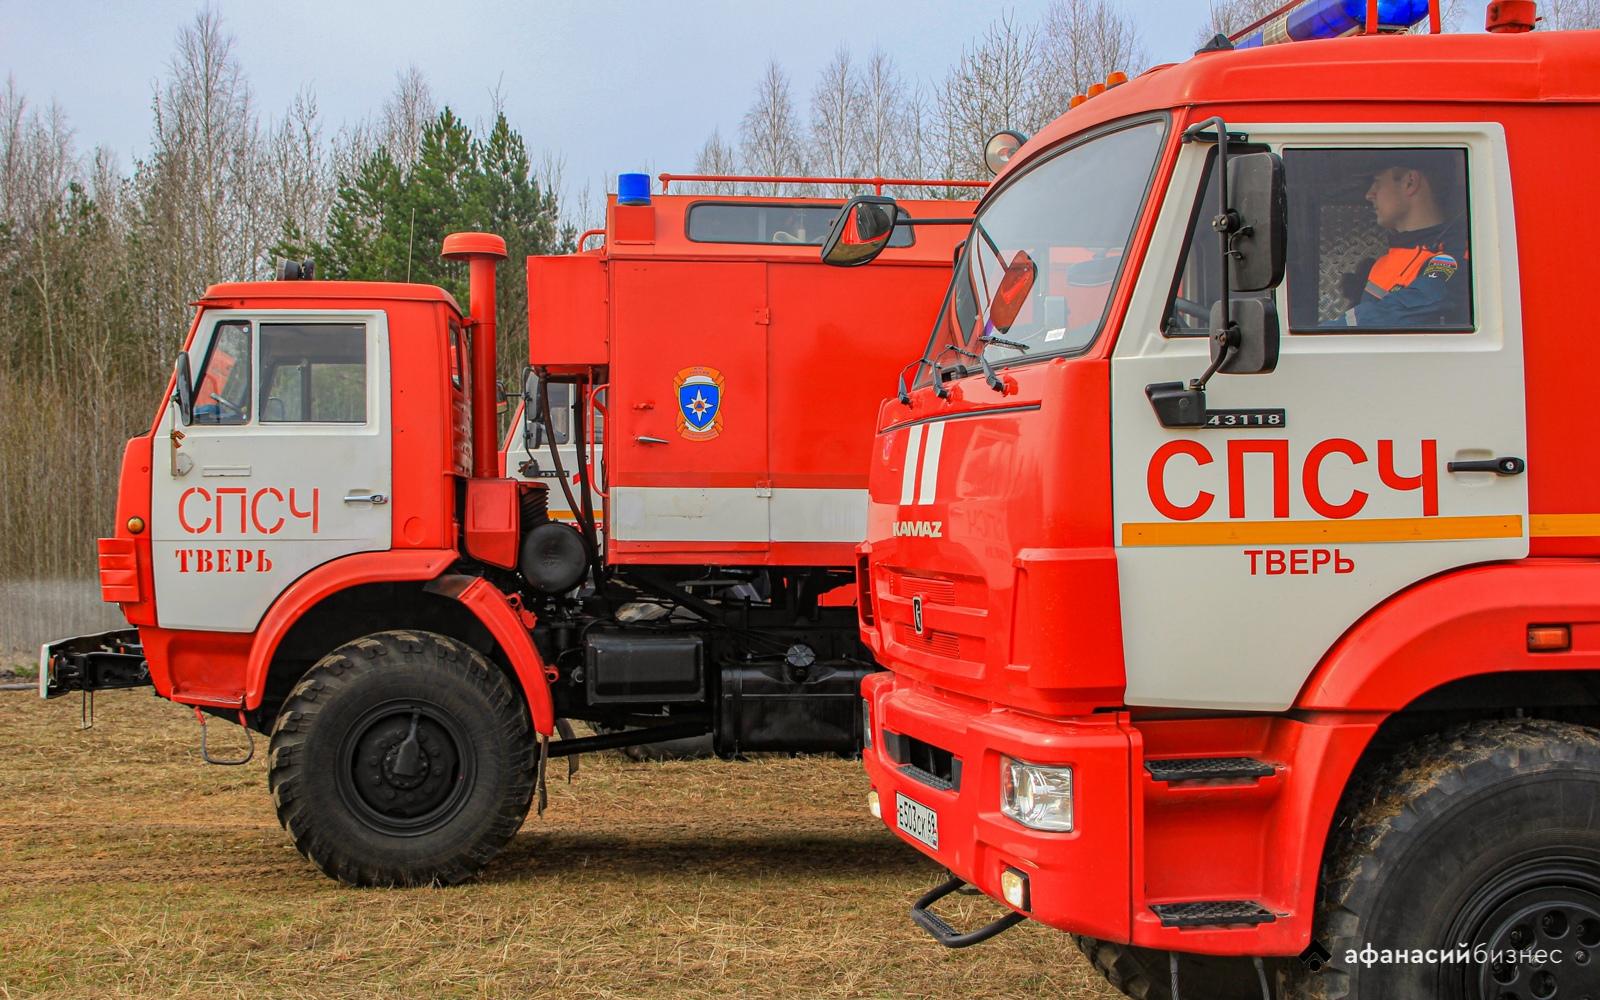 В деревне Тверской области сгорело четыре строения